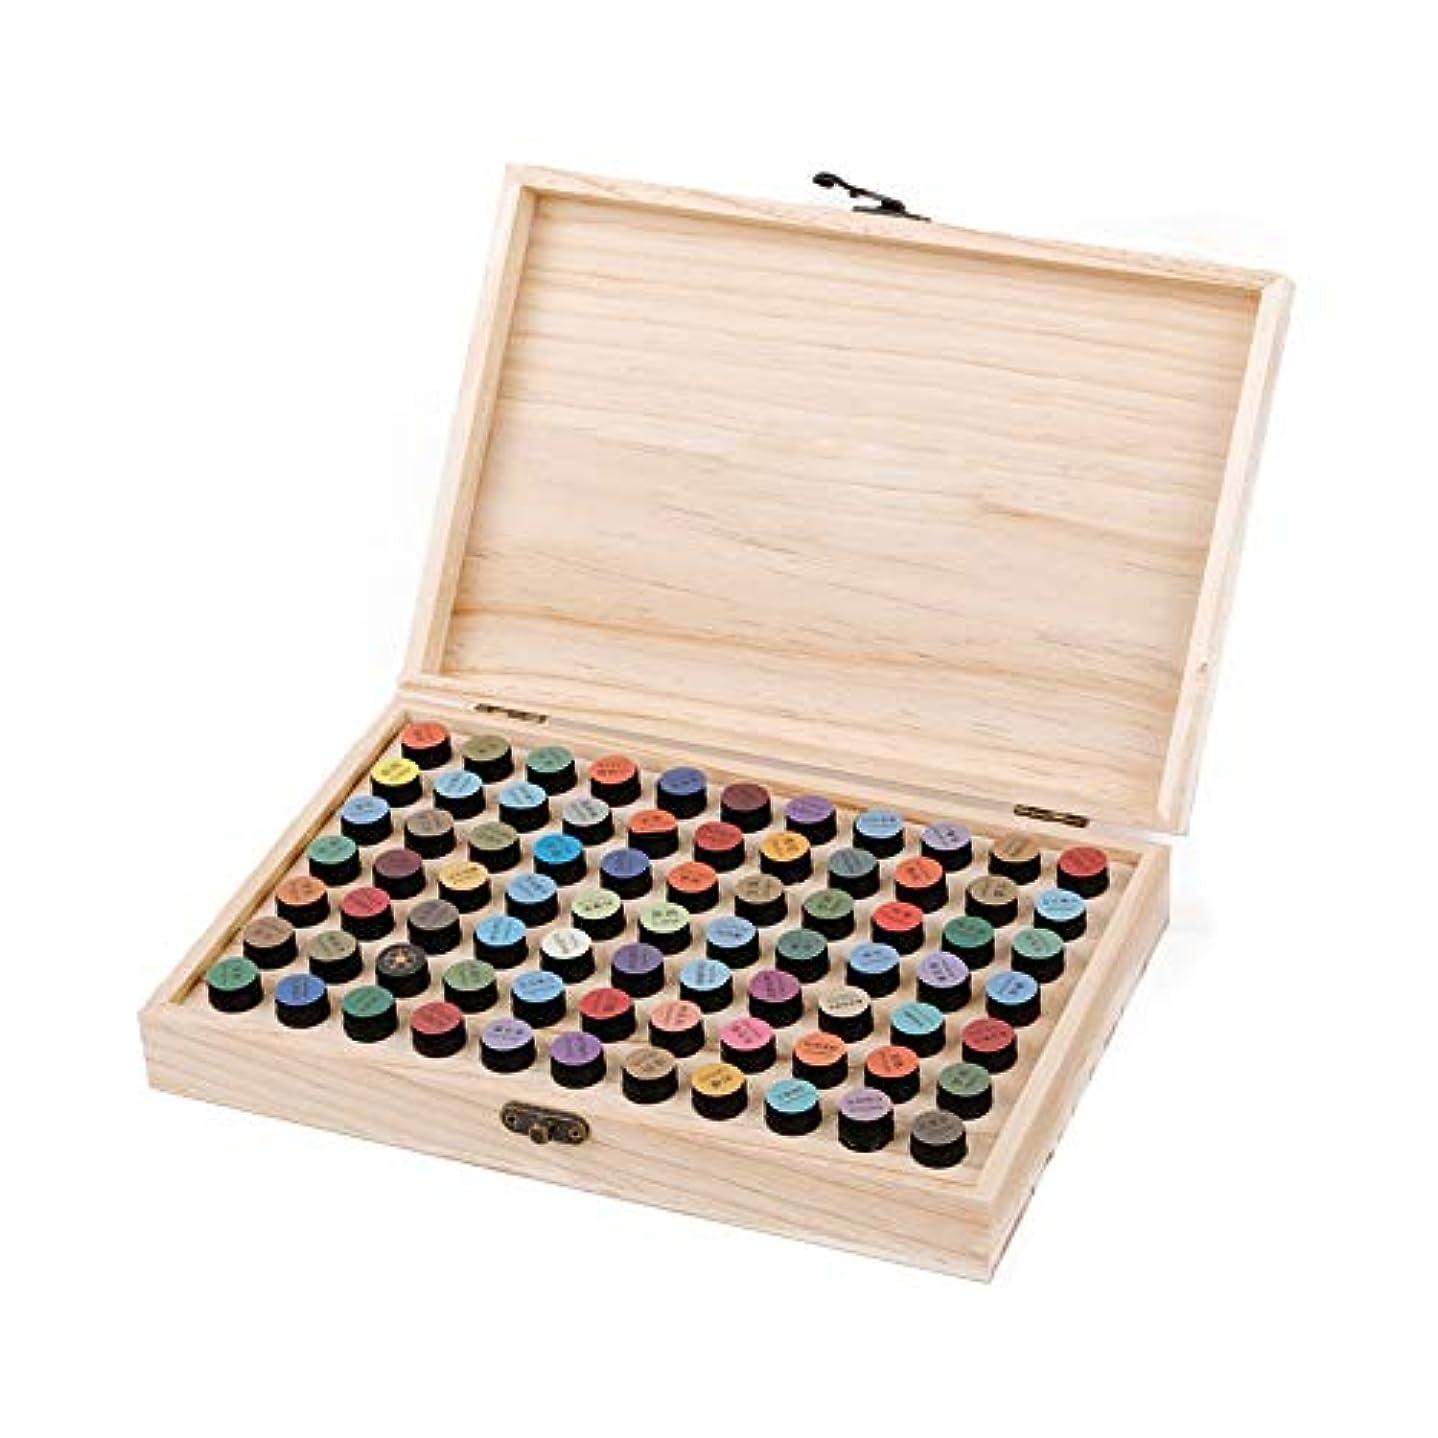 シマウママイコン充実エッセンシャルオイルの保管 2ミリリットルエッセンシャルオイルのために77ボトル木製エッセンシャルオイルストレージボックス77スロット (色 : Natural, サイズ : 29X19X4CM)